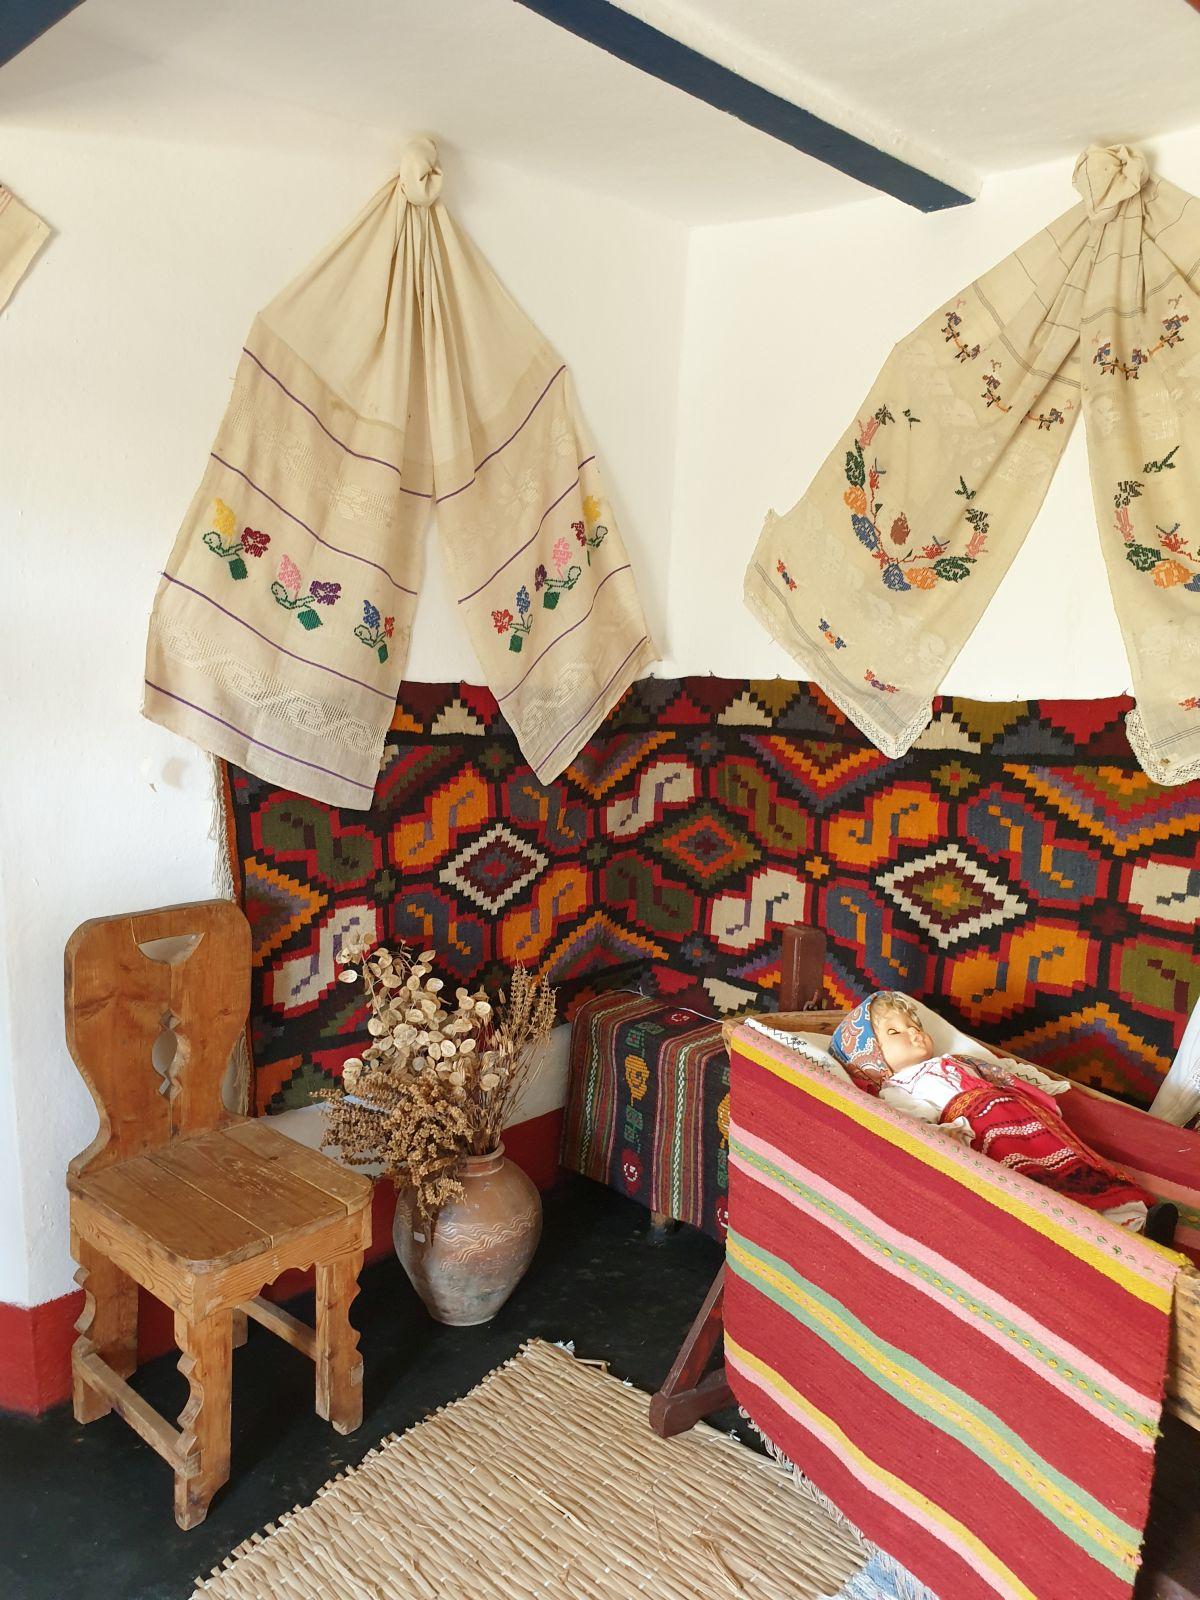 Interesante culori pentru cuvertura folosită pentru decorul pereților.